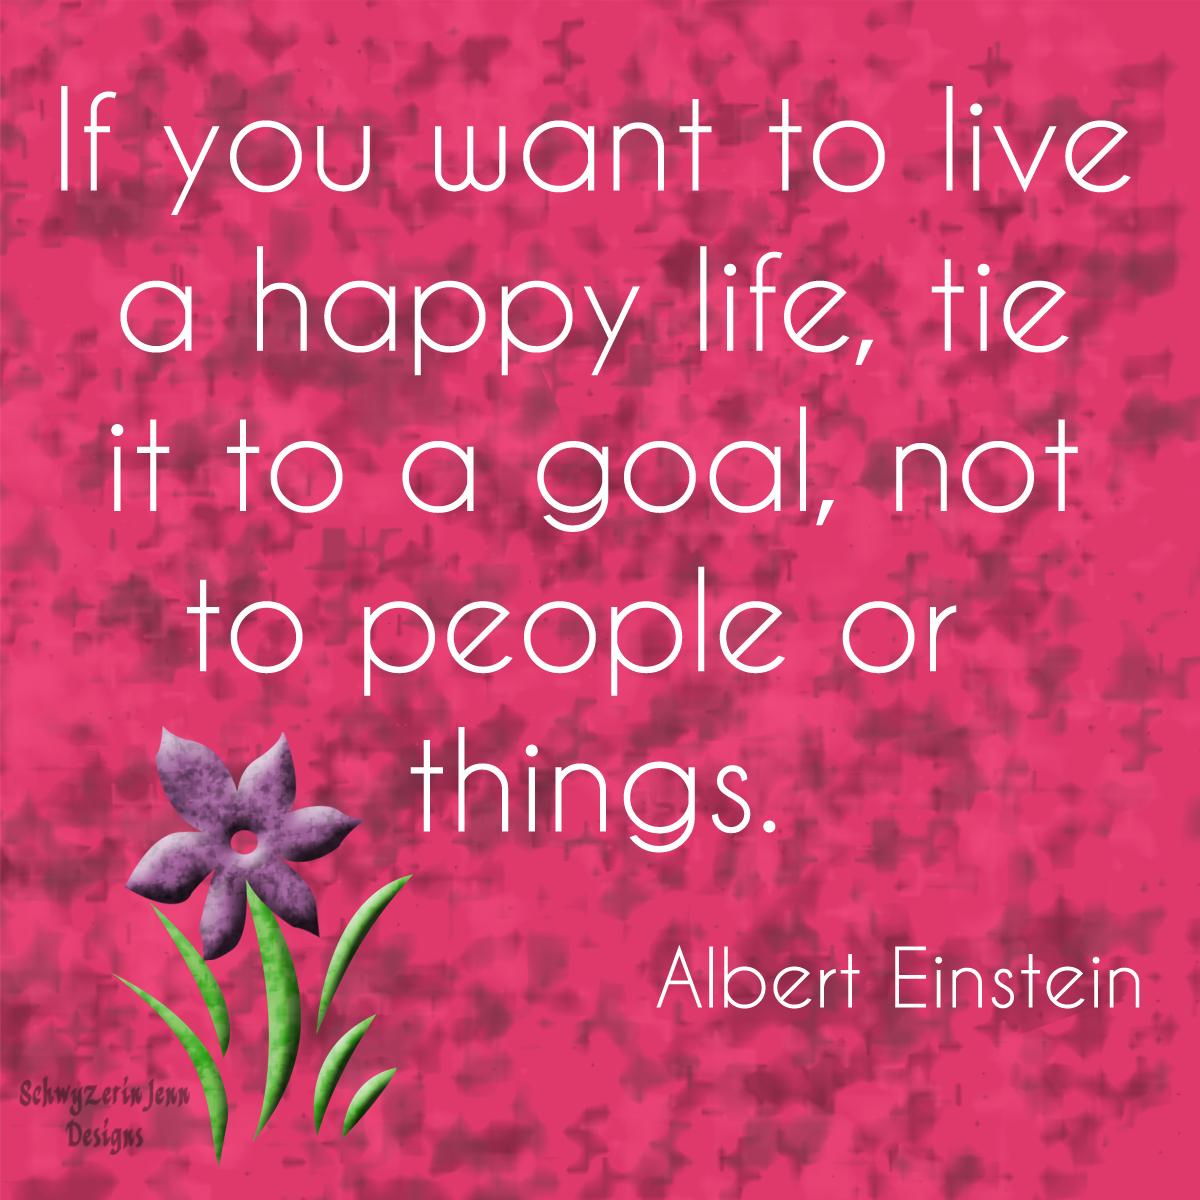 happy_life 1